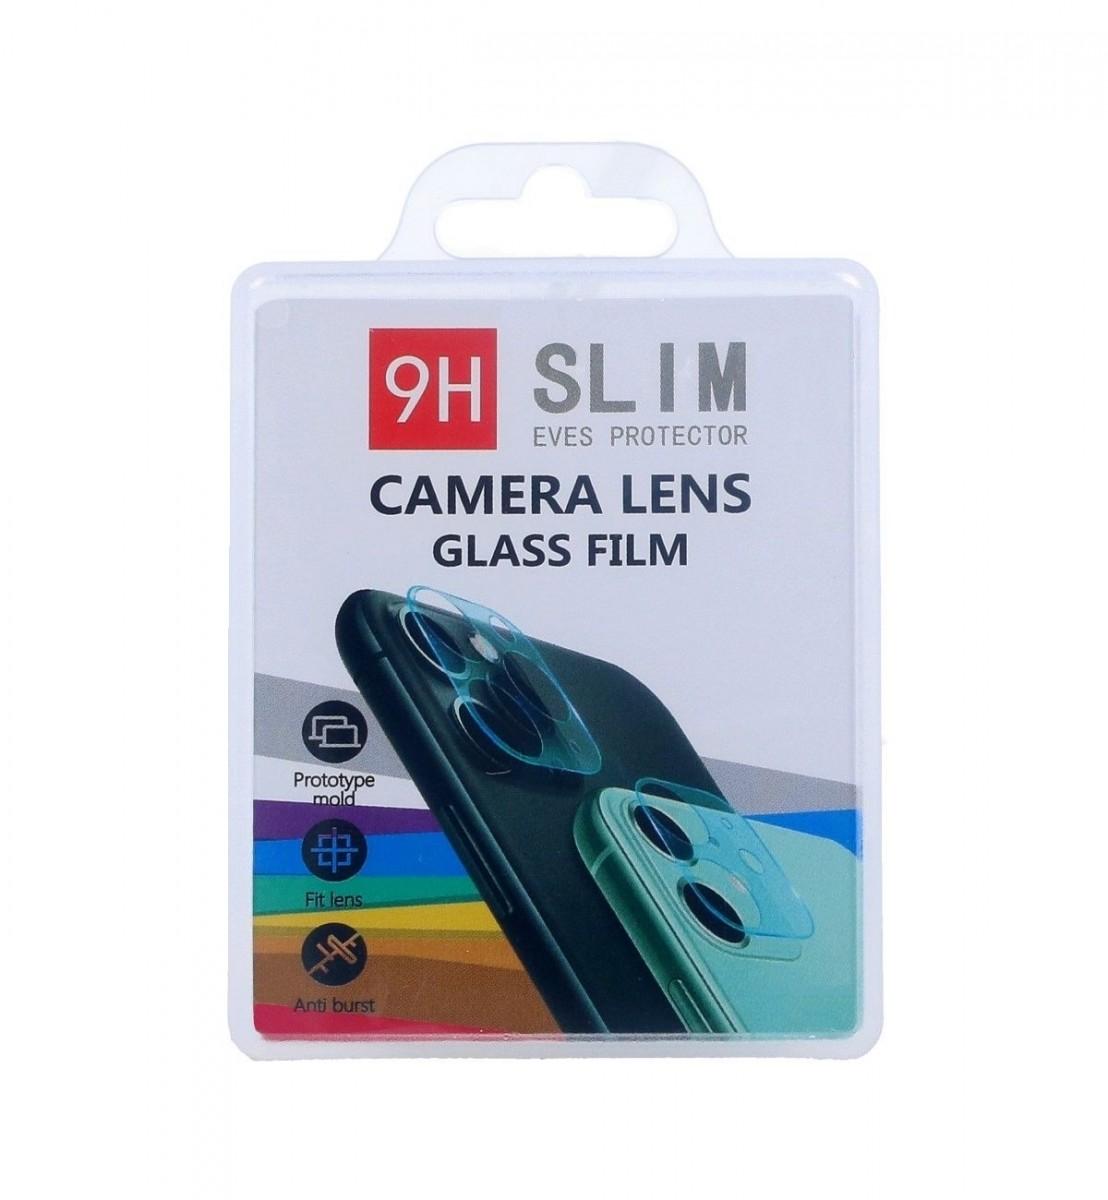 Tvrzené sklo TopQ na zadní fotoaparát iPhone 11 54786 (ochranné sklo na zadní čočku fotoaparátu iPhone 11)